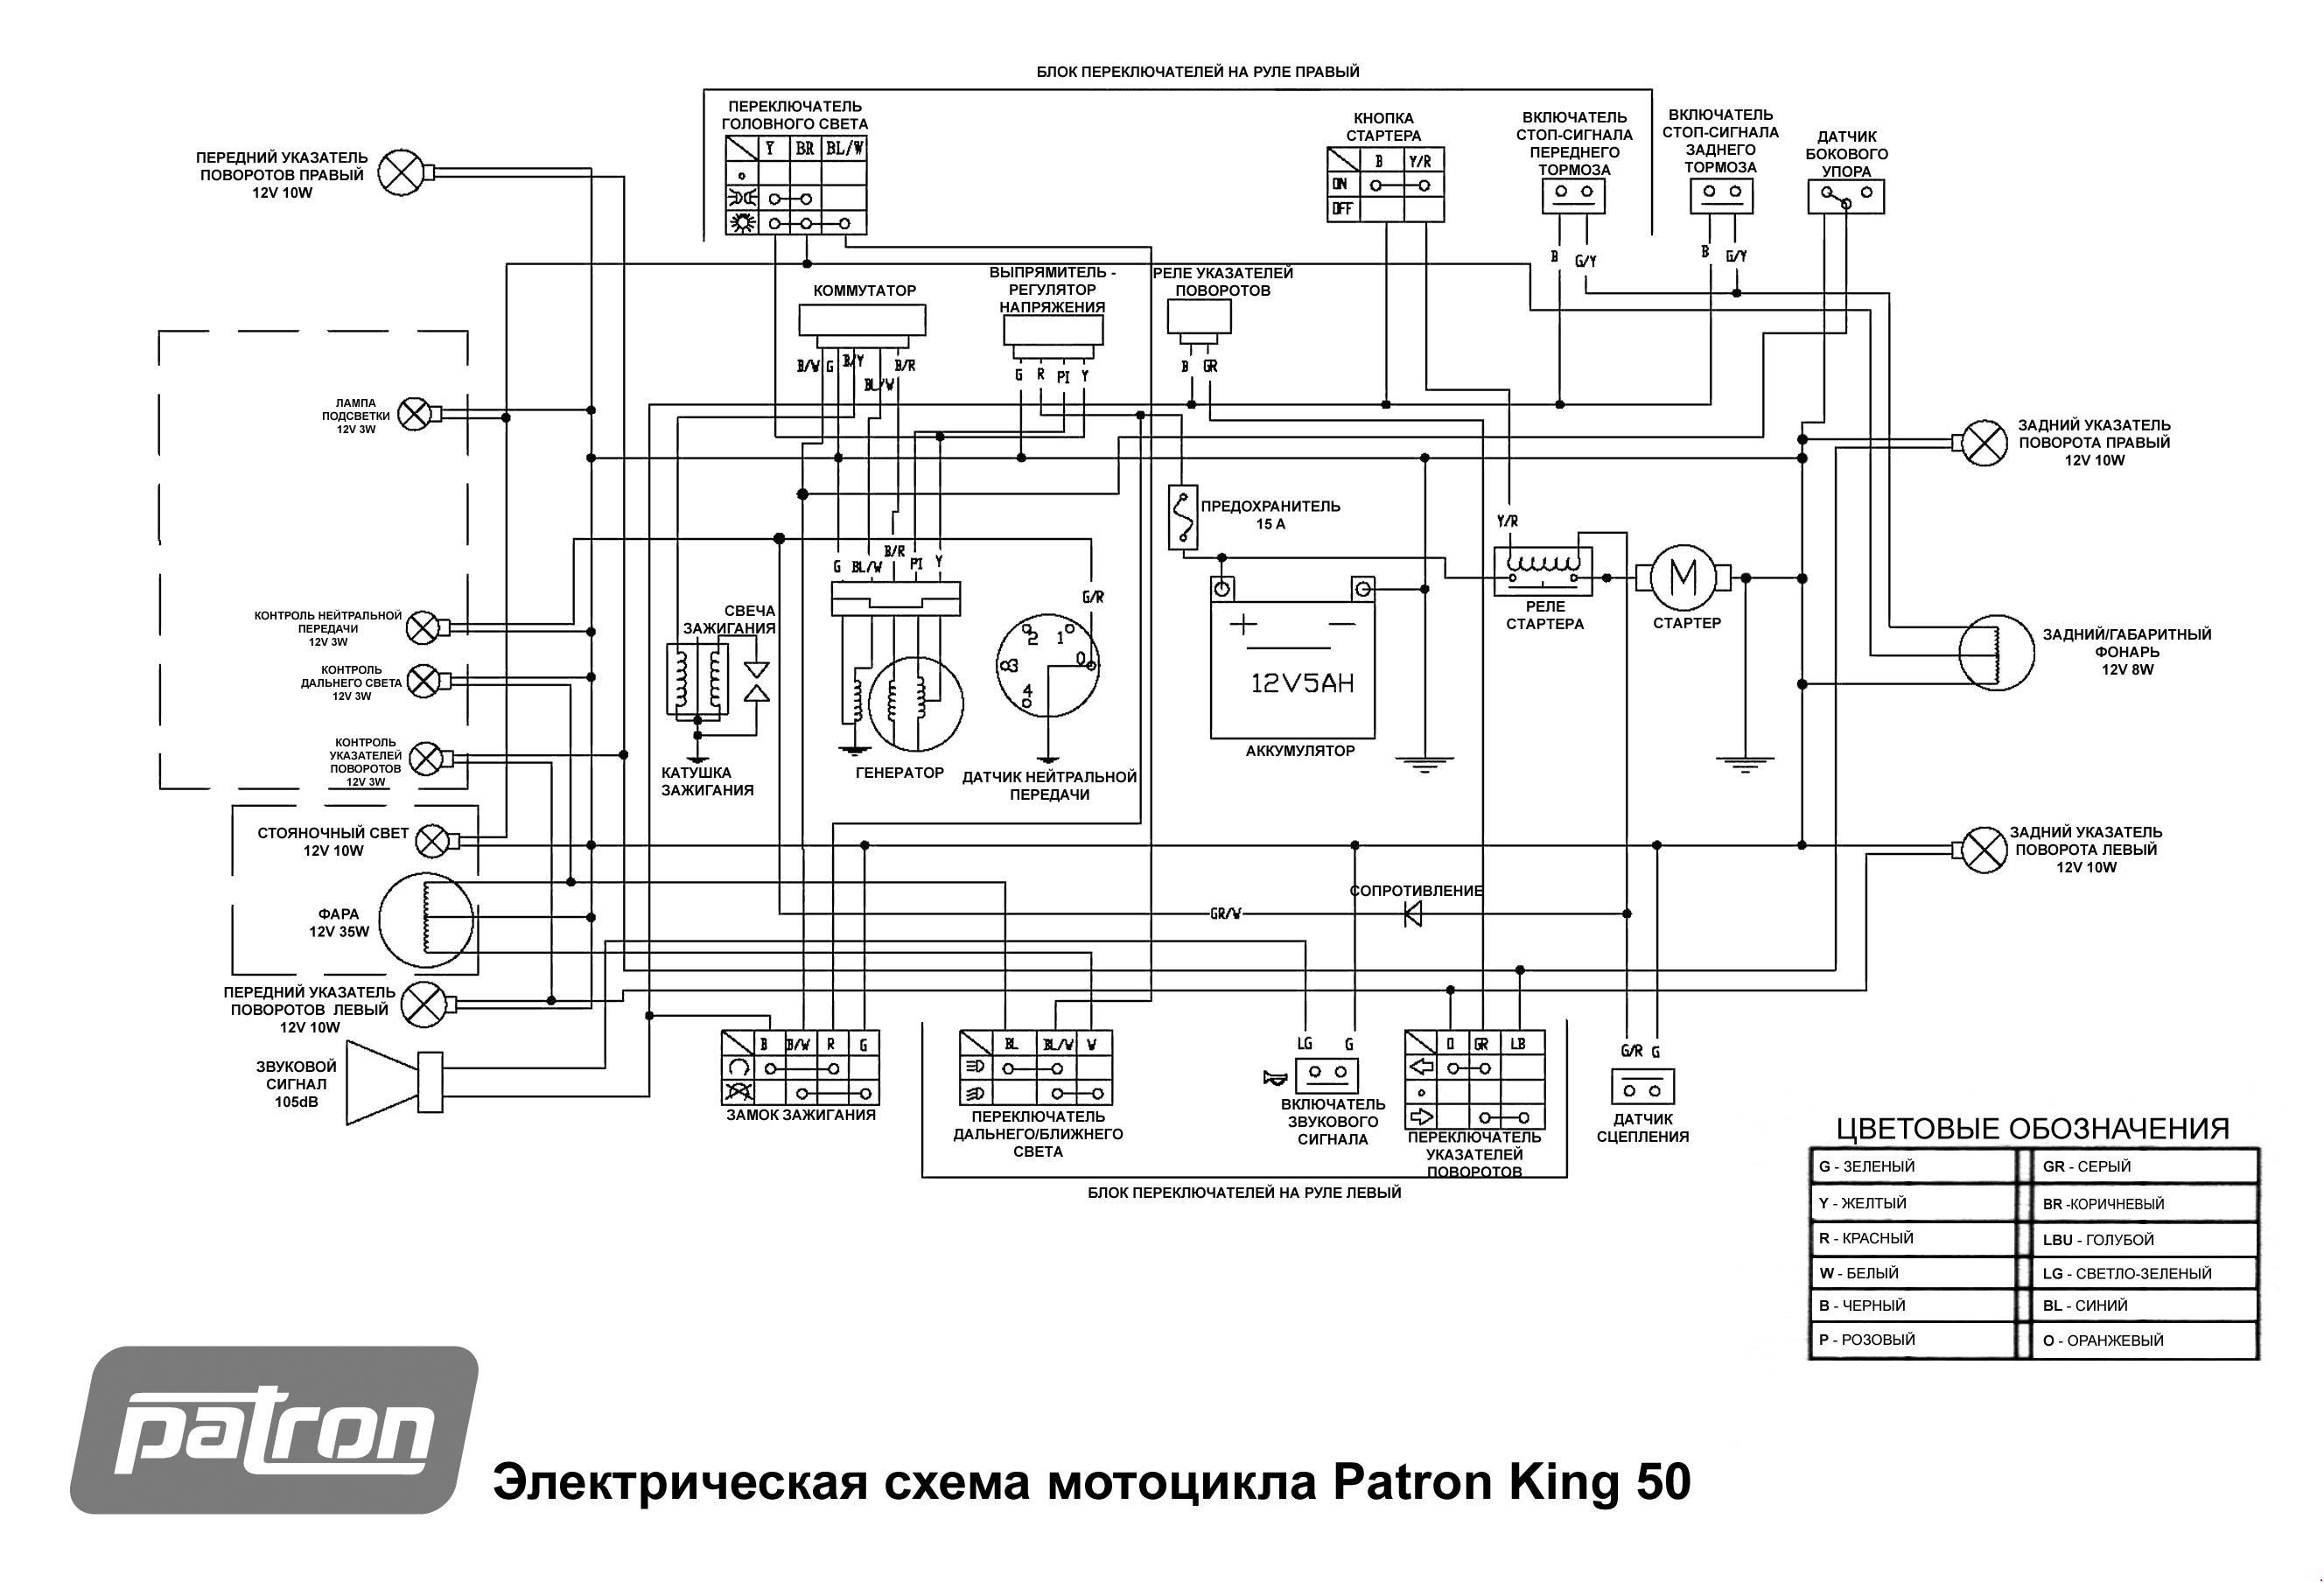 Электрическая схема скутера Patron King 50